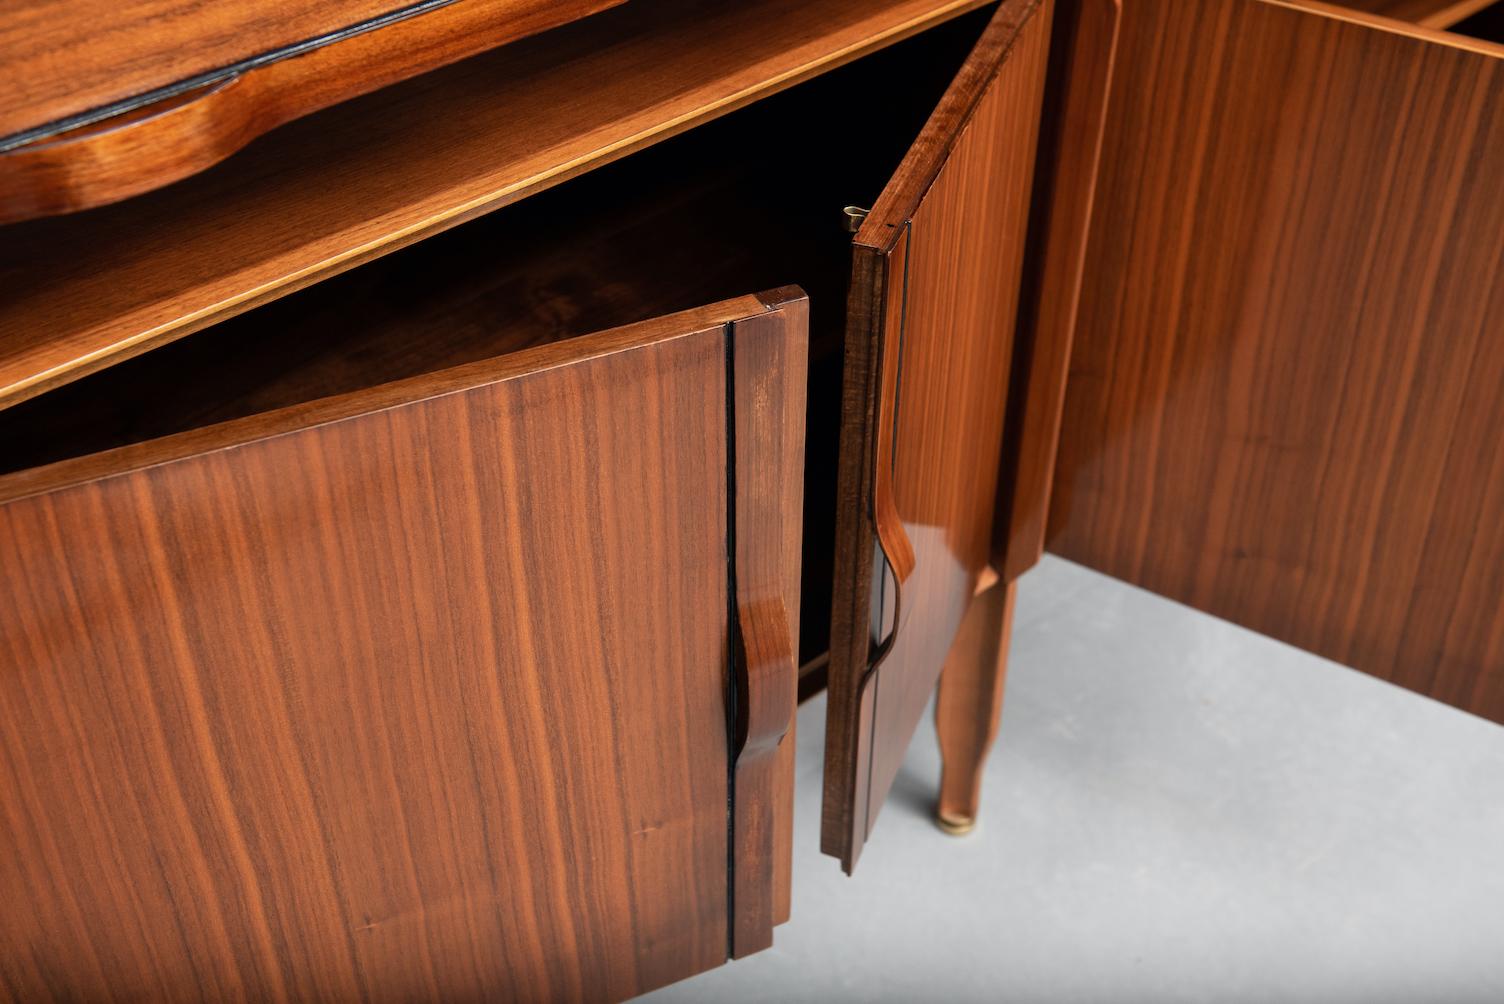 vittorio dassi walnut sideboard | 8